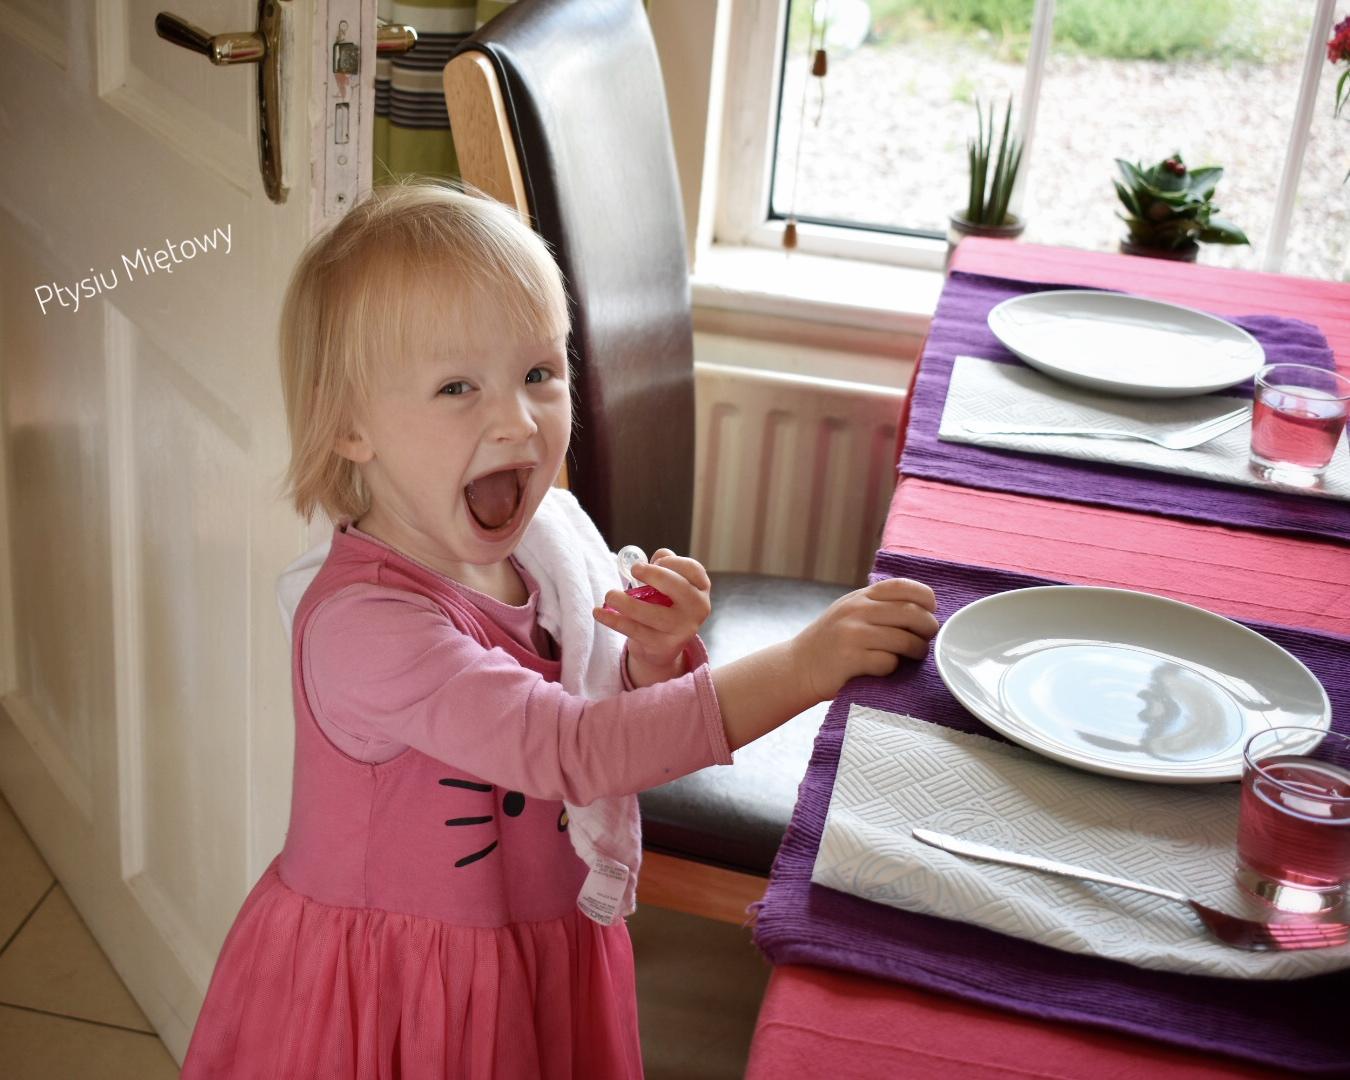 dziecko w kuchni